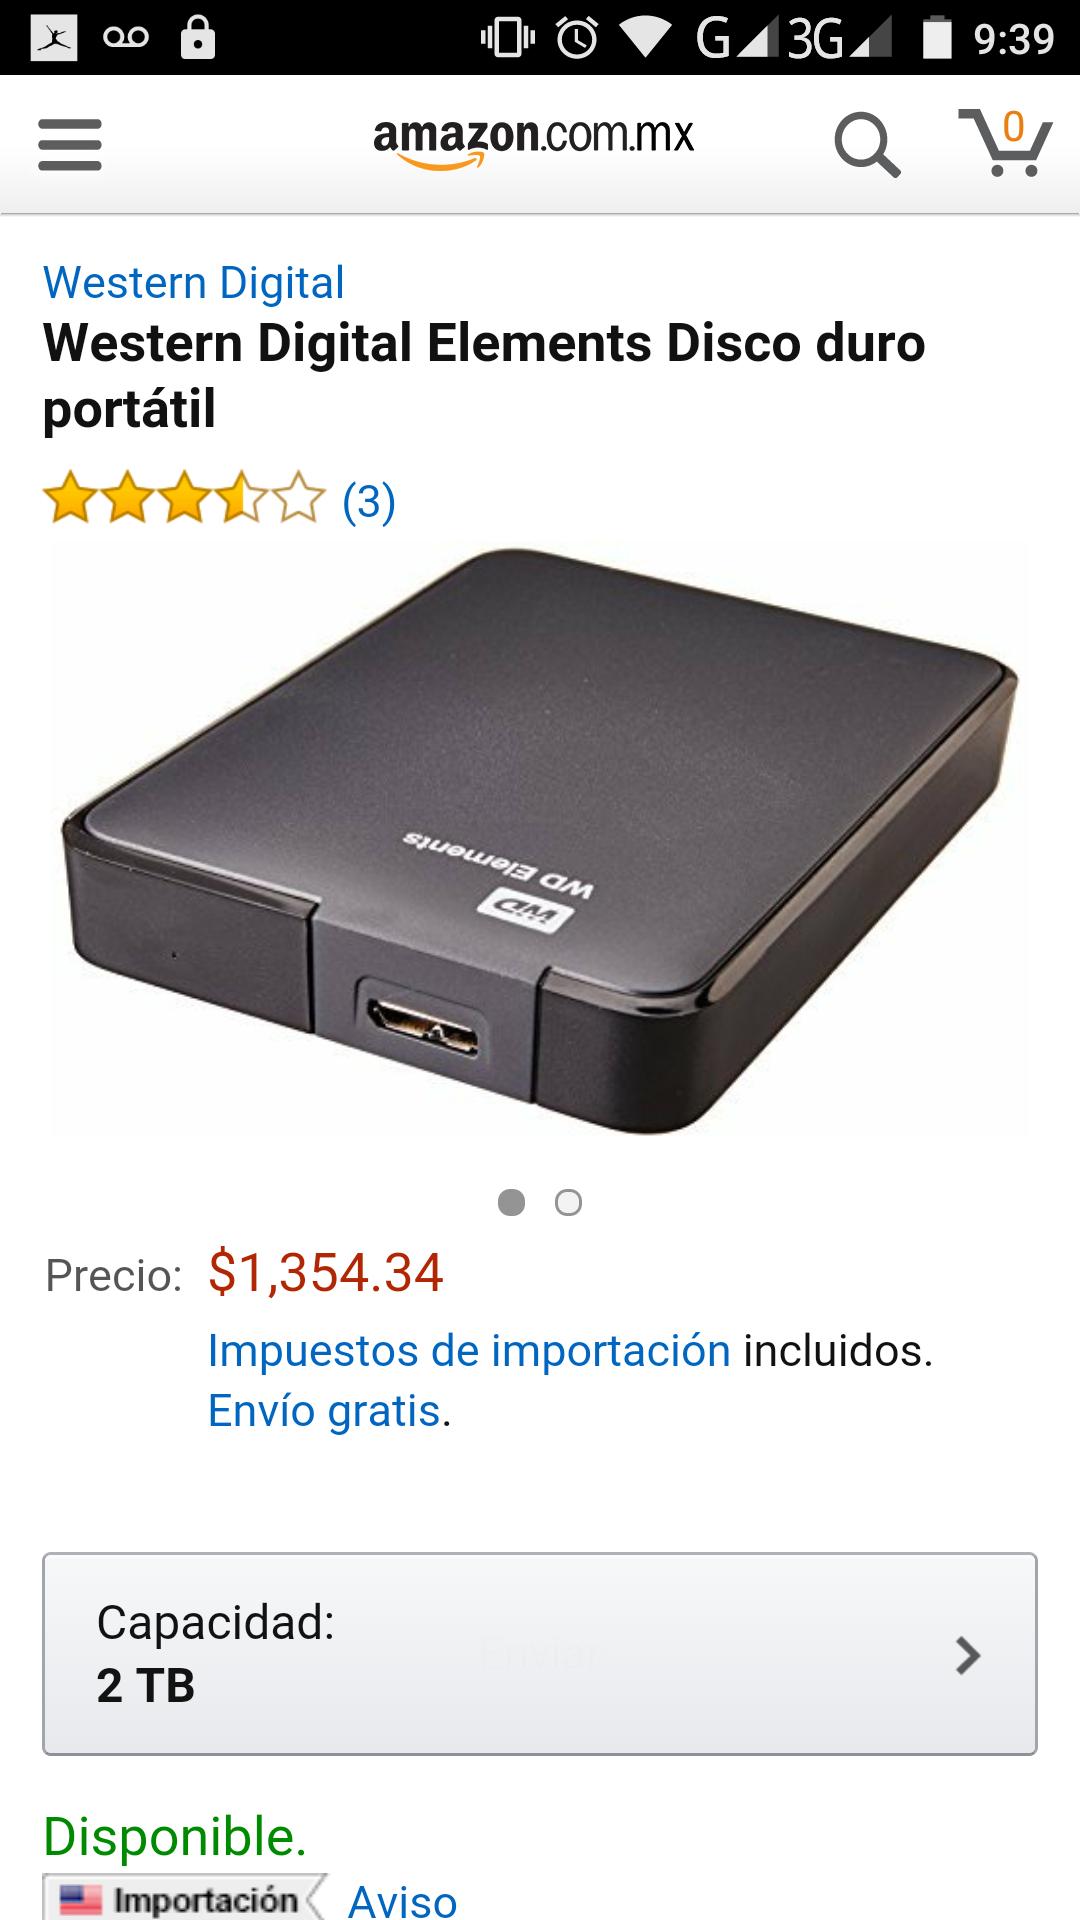 Amazon: Disco duro 2tb western digital elementos USB 3.0